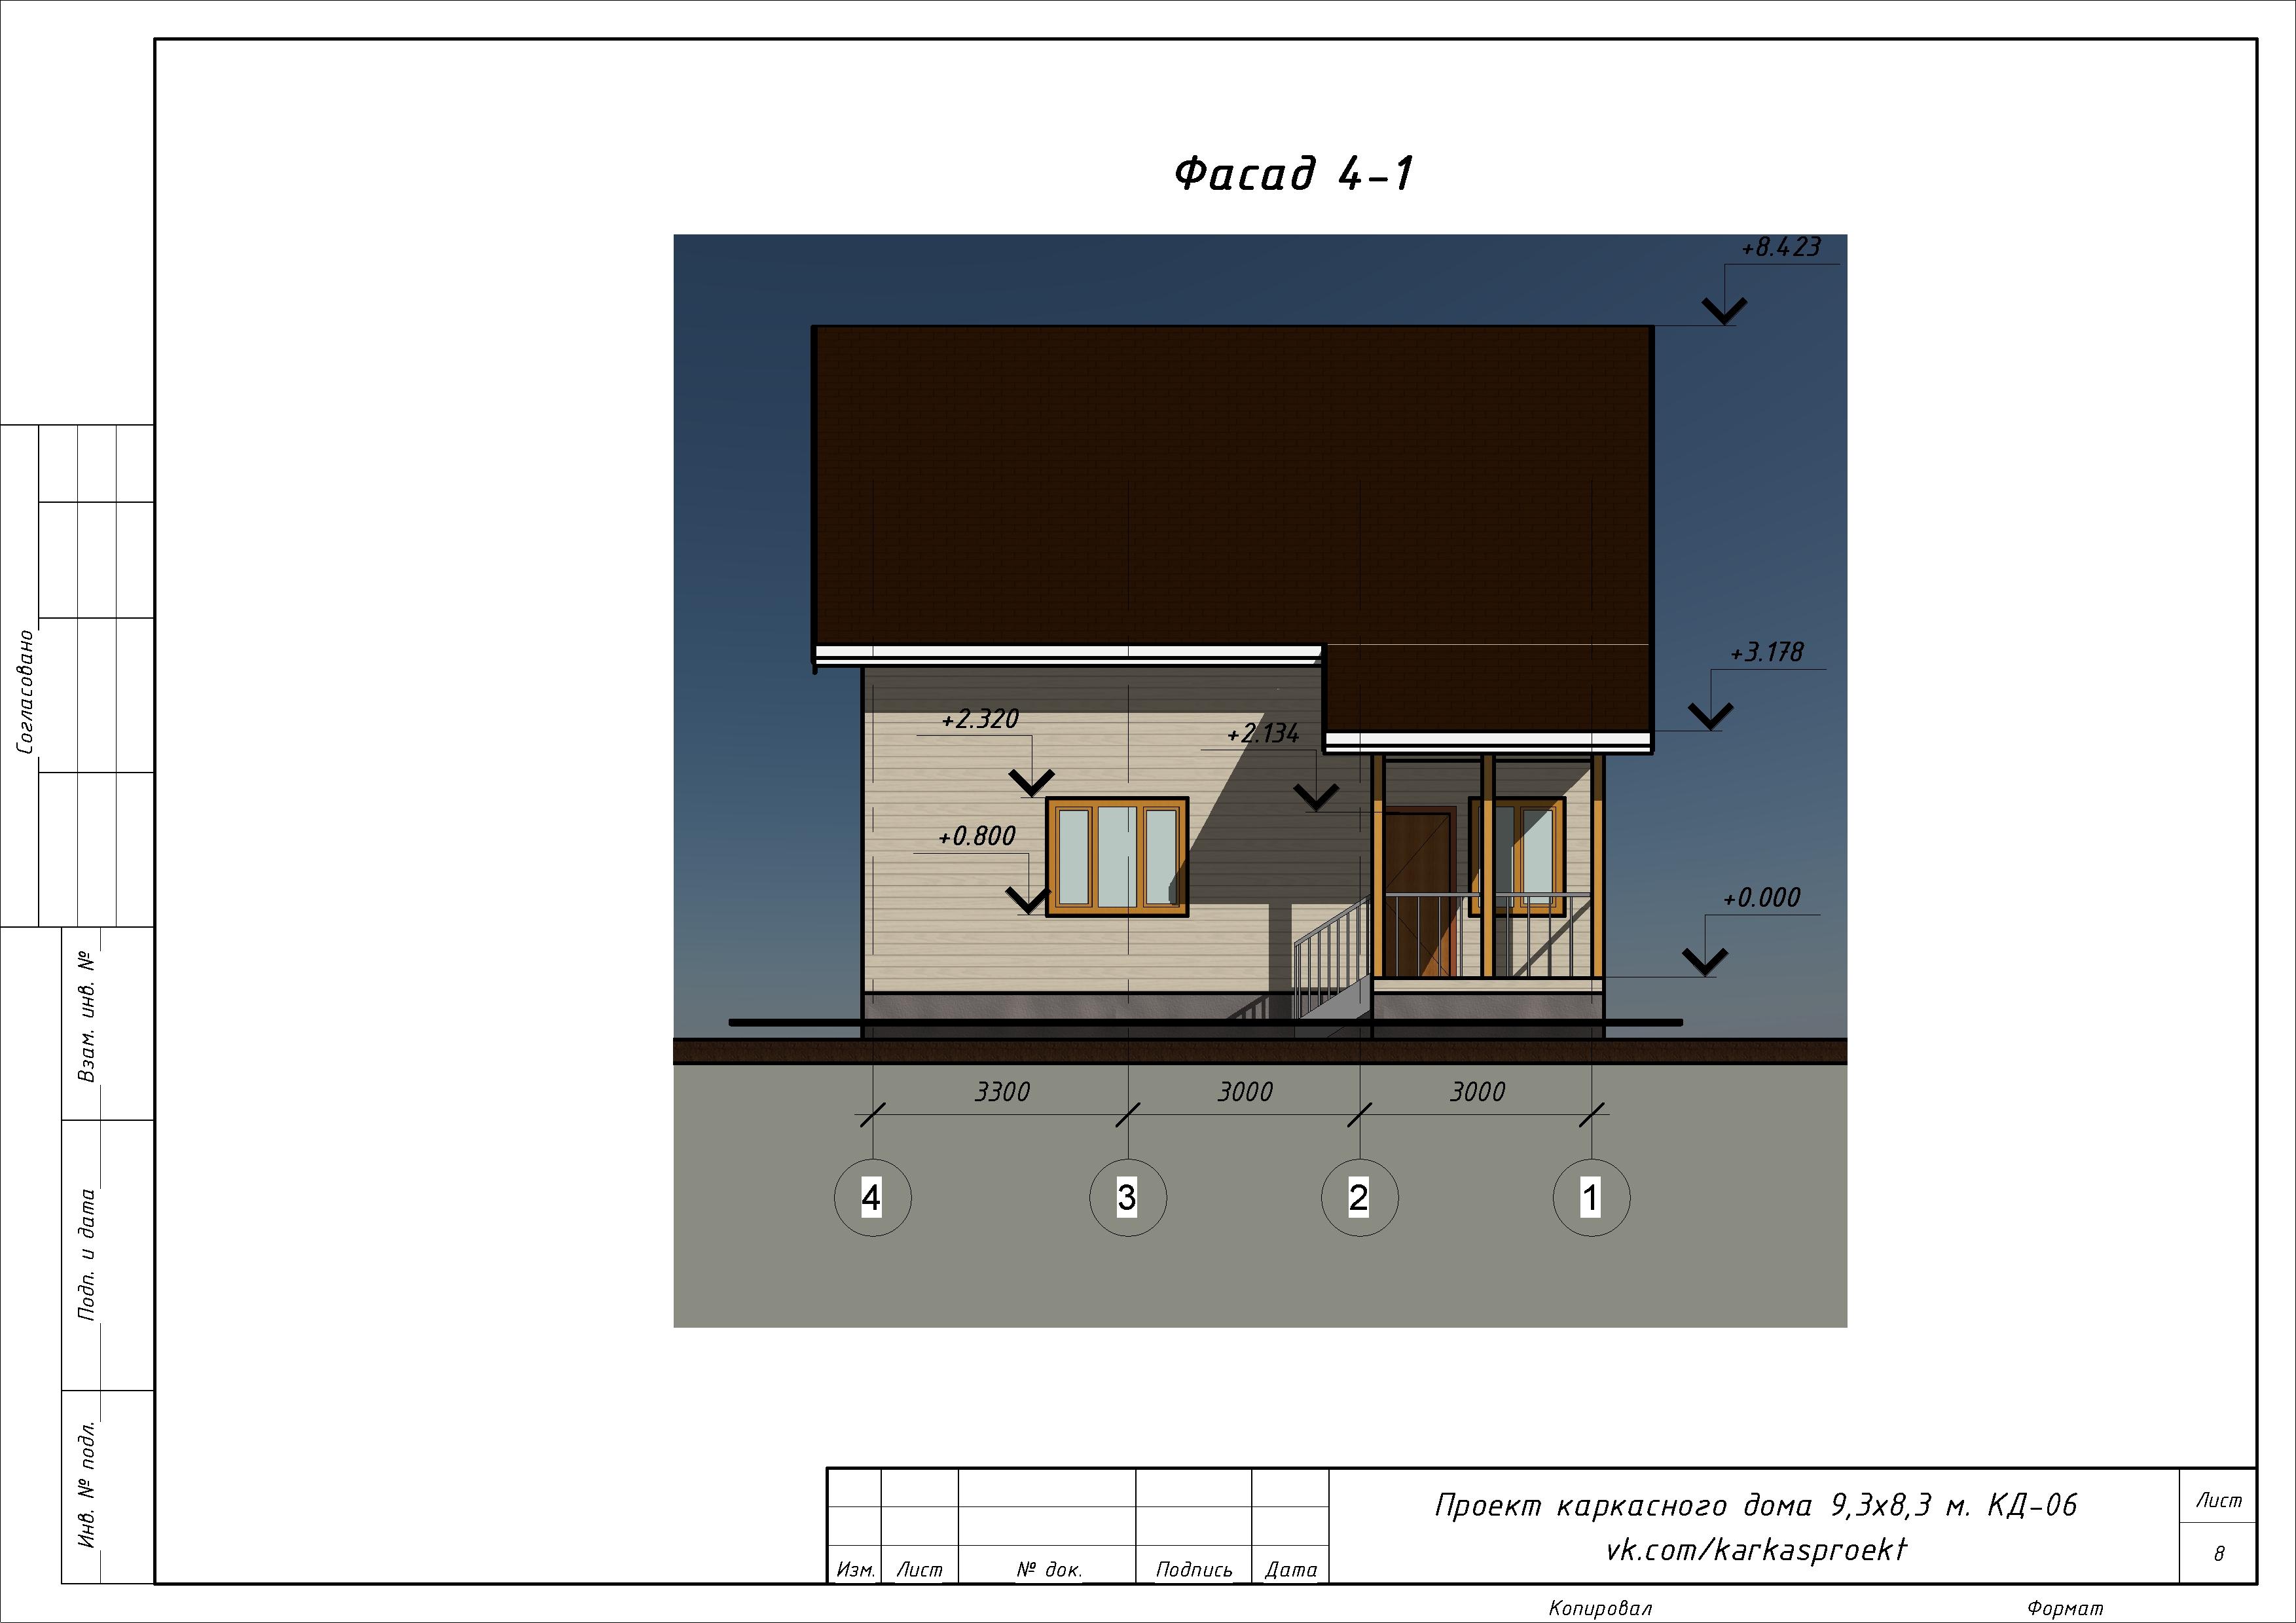 КД-06 - Фасад 4-1